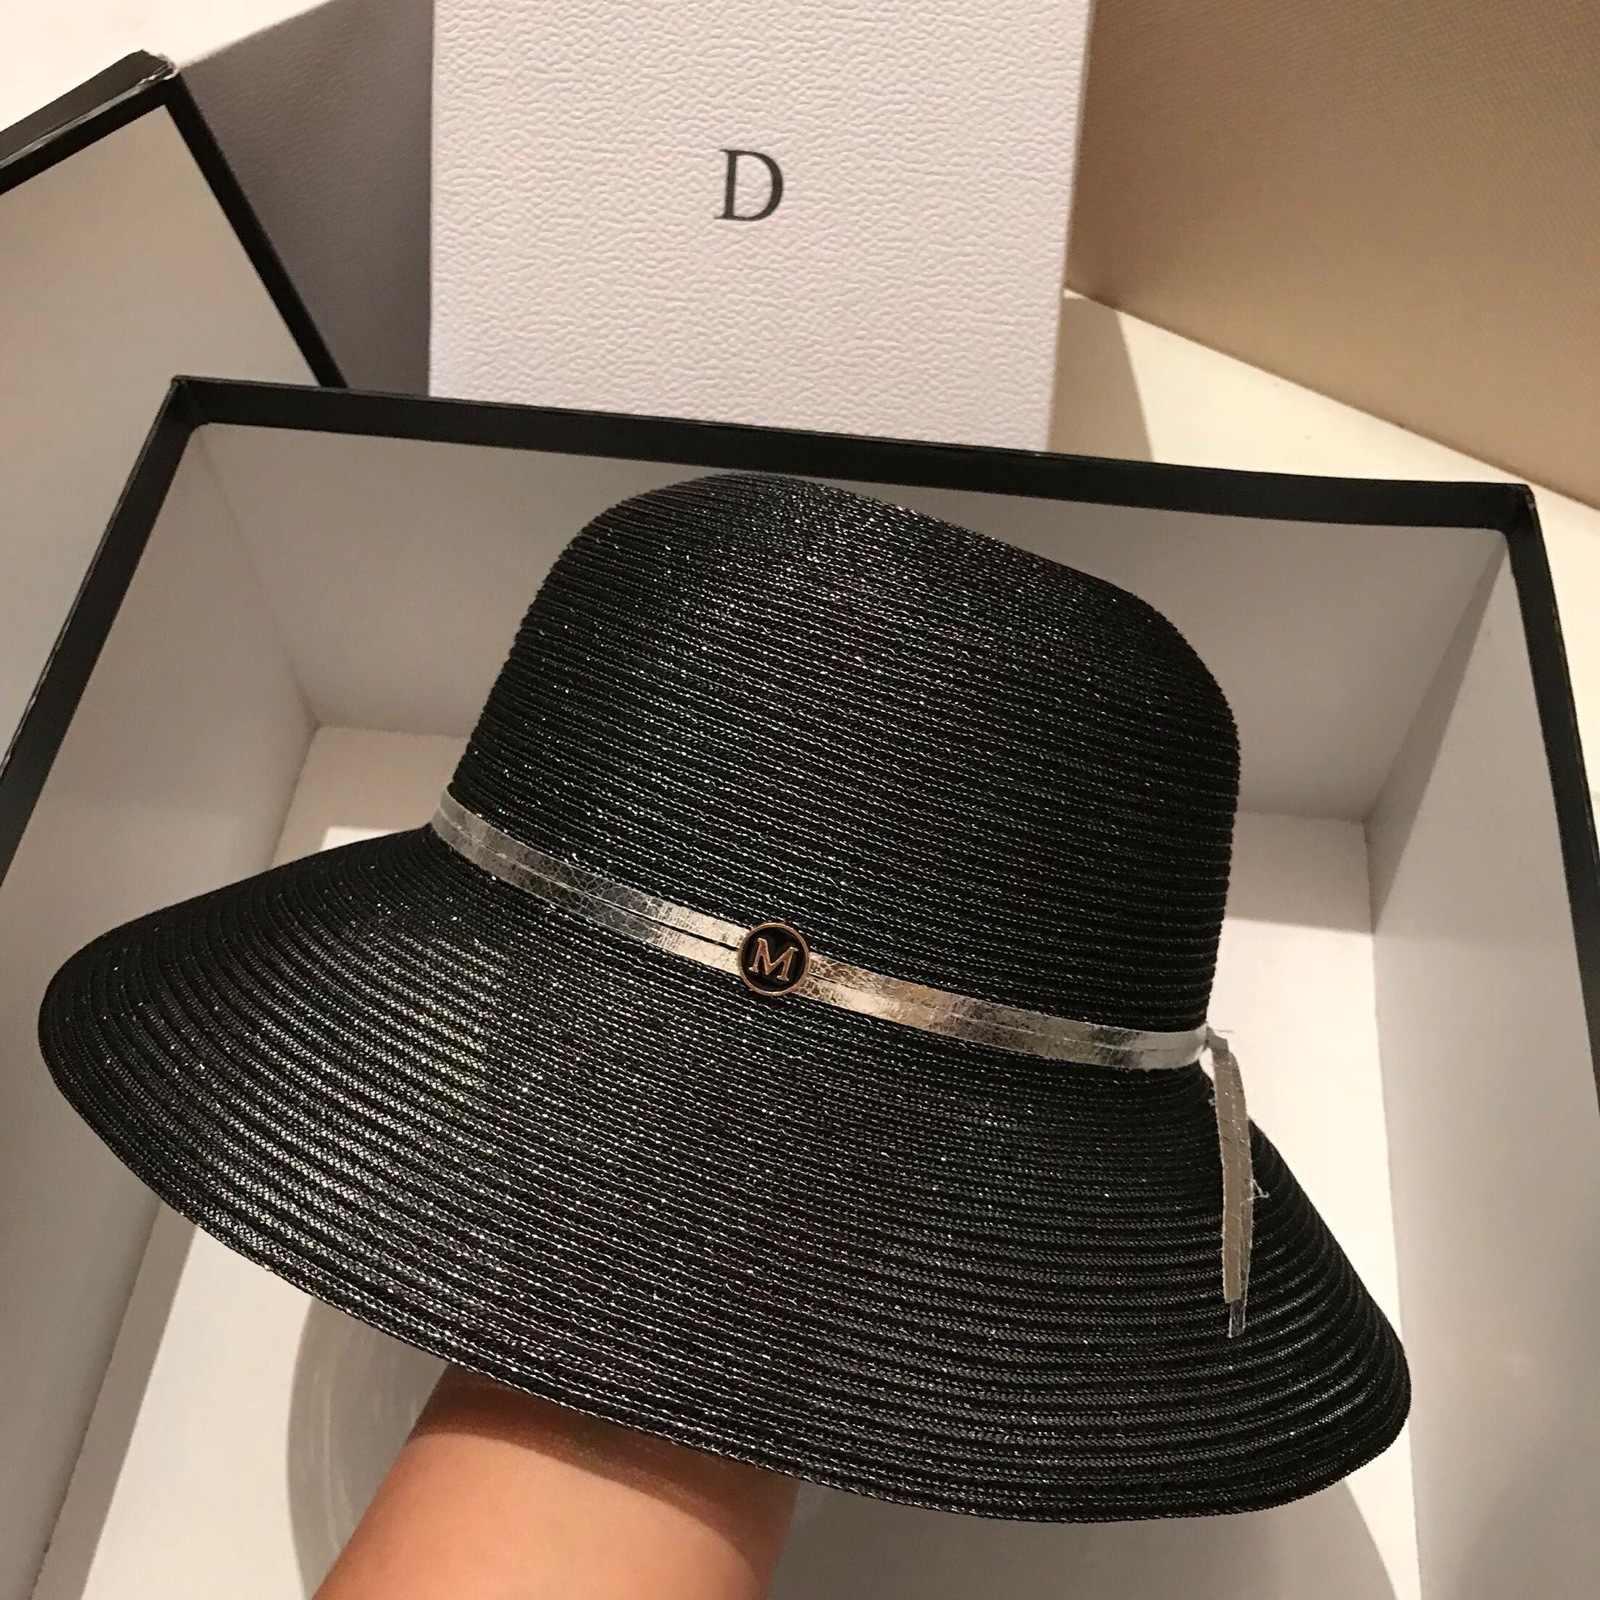 2020 جديد إمرأة قبعة للشاطئ قبعة من القش بحافة عريضة مكافحة UV UPF50 مرن قبعة الشمس قبعة طوي قبعة صيفية كنتاكي ديربي التنفس بحرية